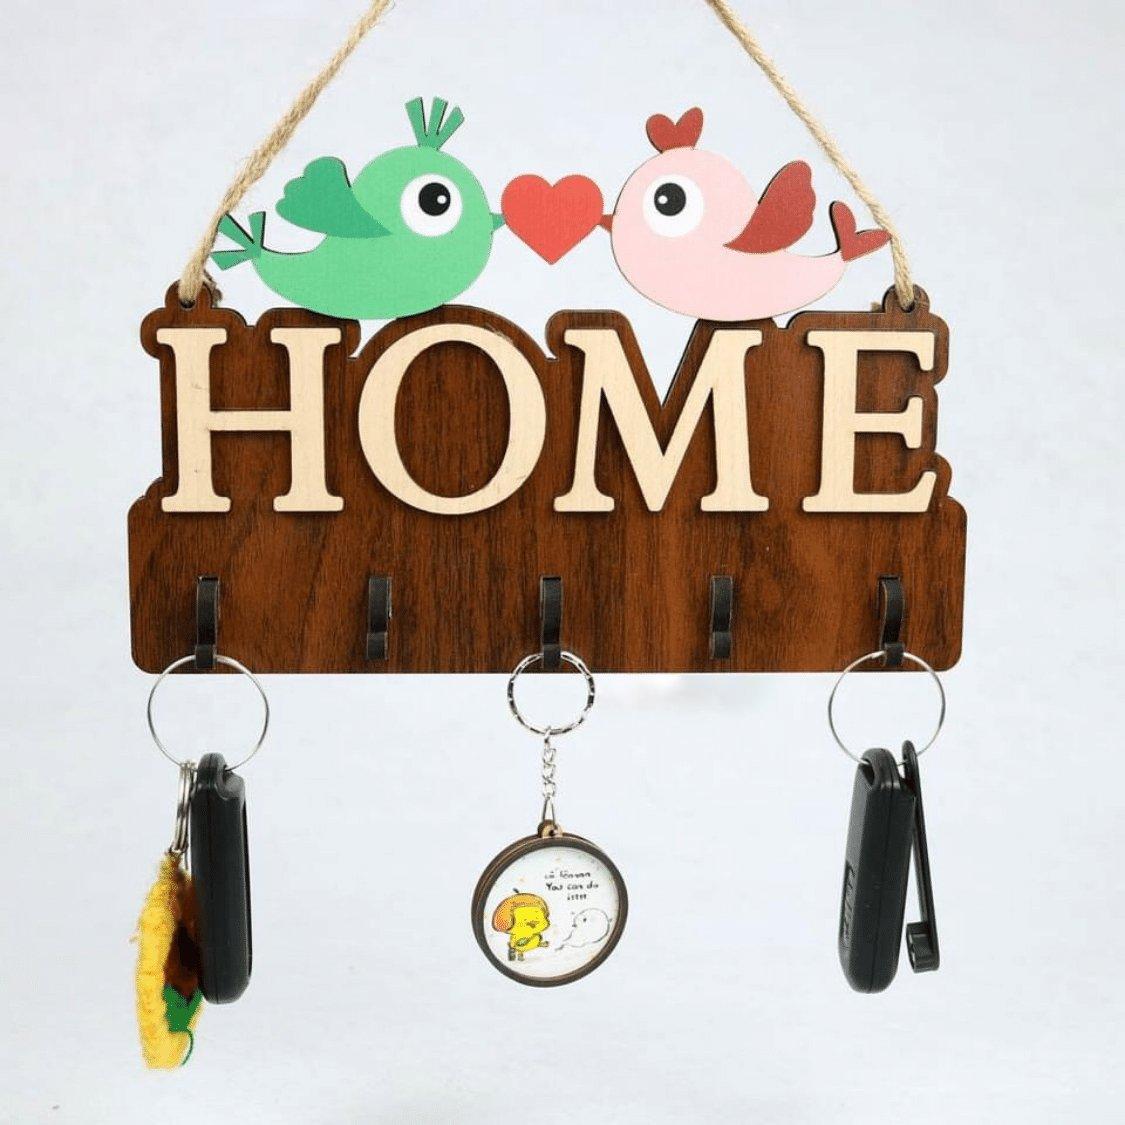 Bảng gỗ handmade trang trí nhà Home mẫu 05